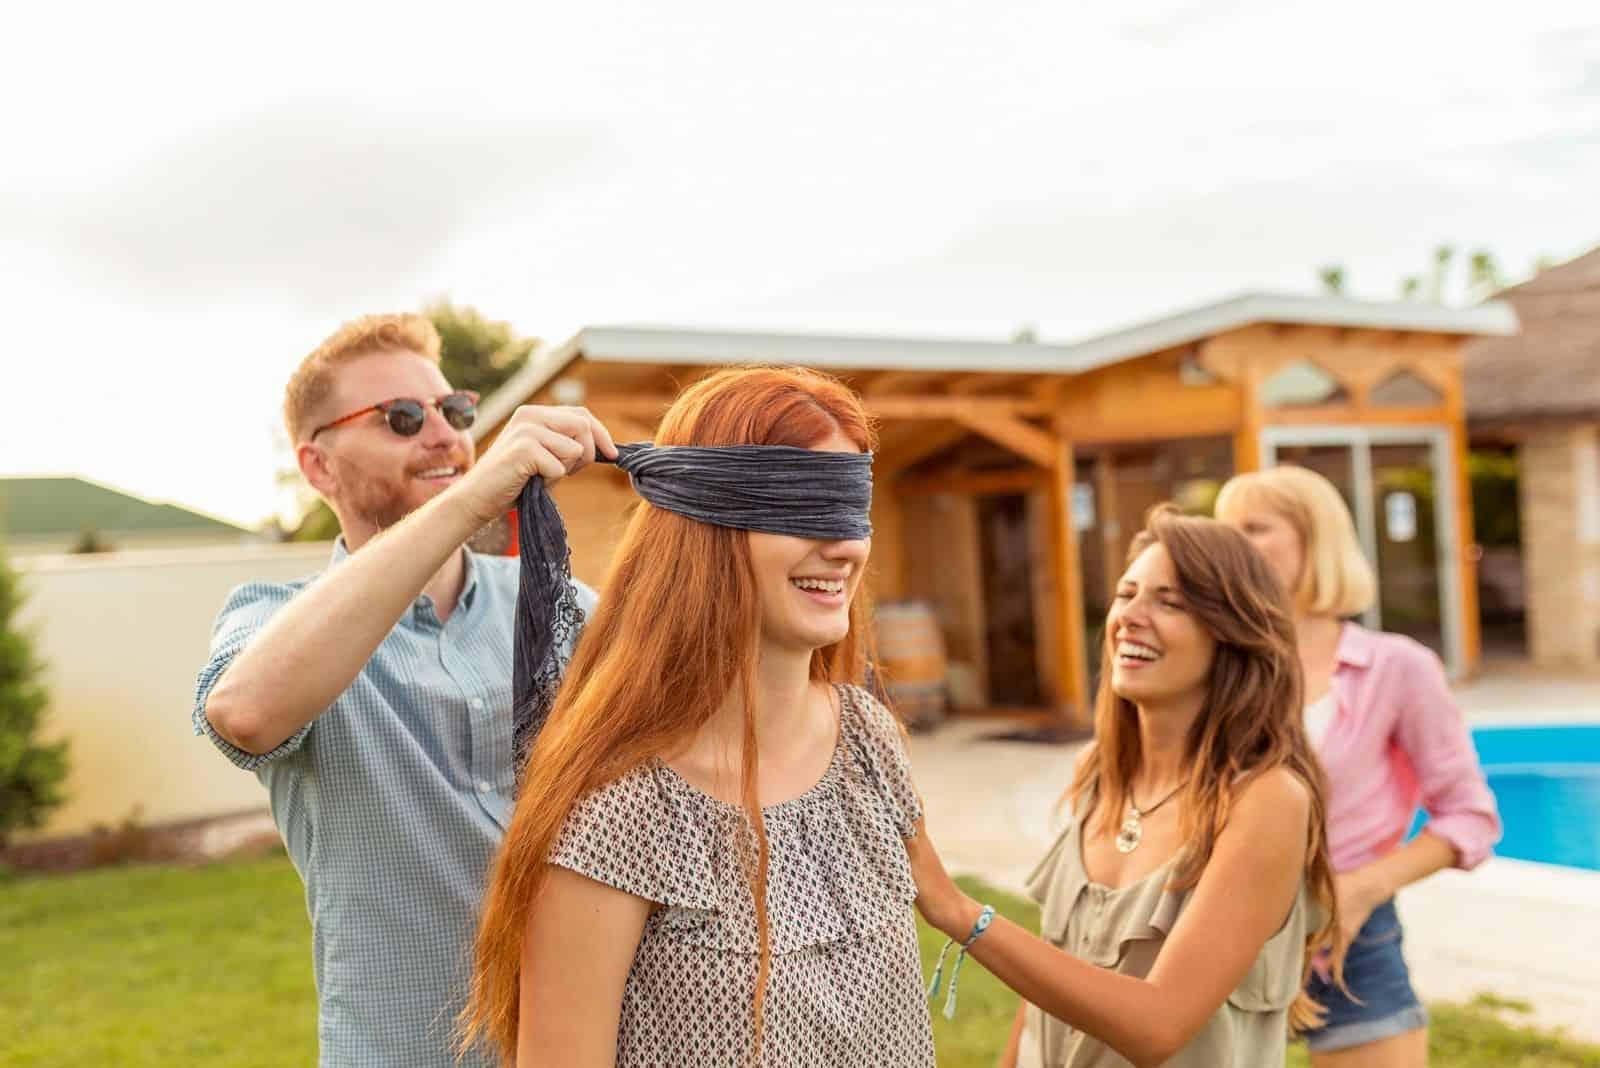 Mann verbindet einem Mädchen die Augen in der Nähe des Pools mit ein paar Freunden